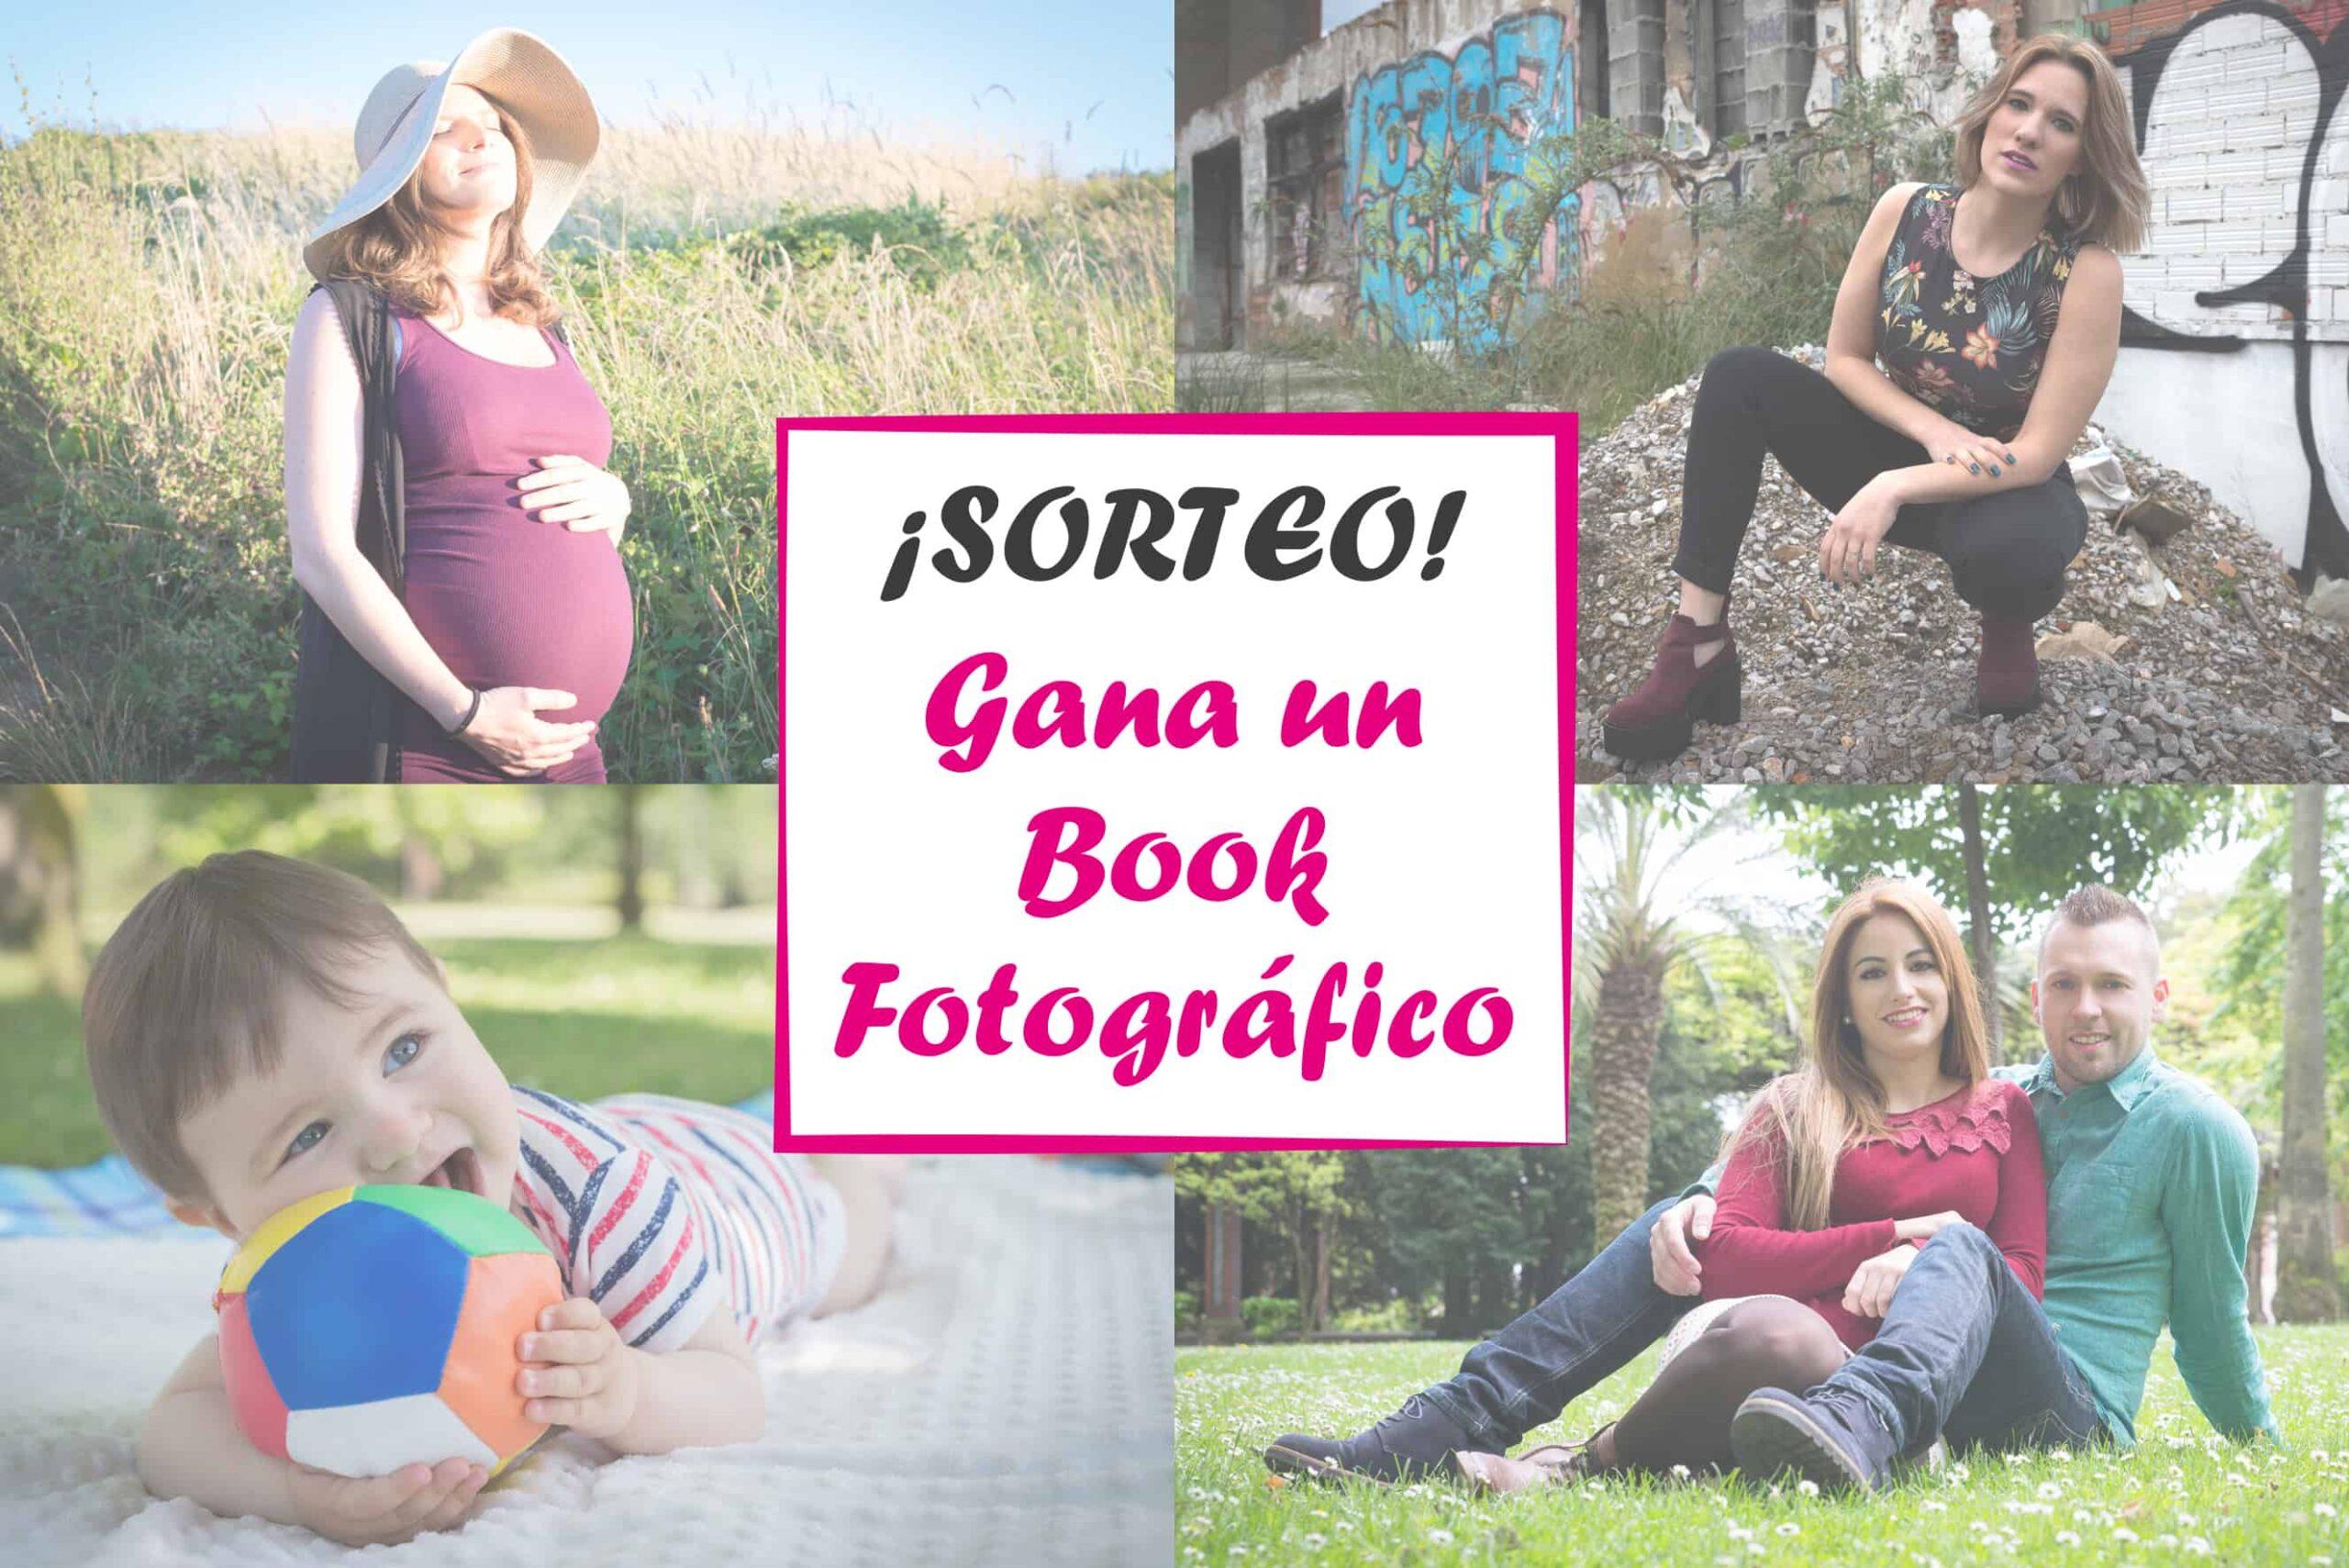 Sorteo de Reyes ¡Gana un Book Fotográfico!